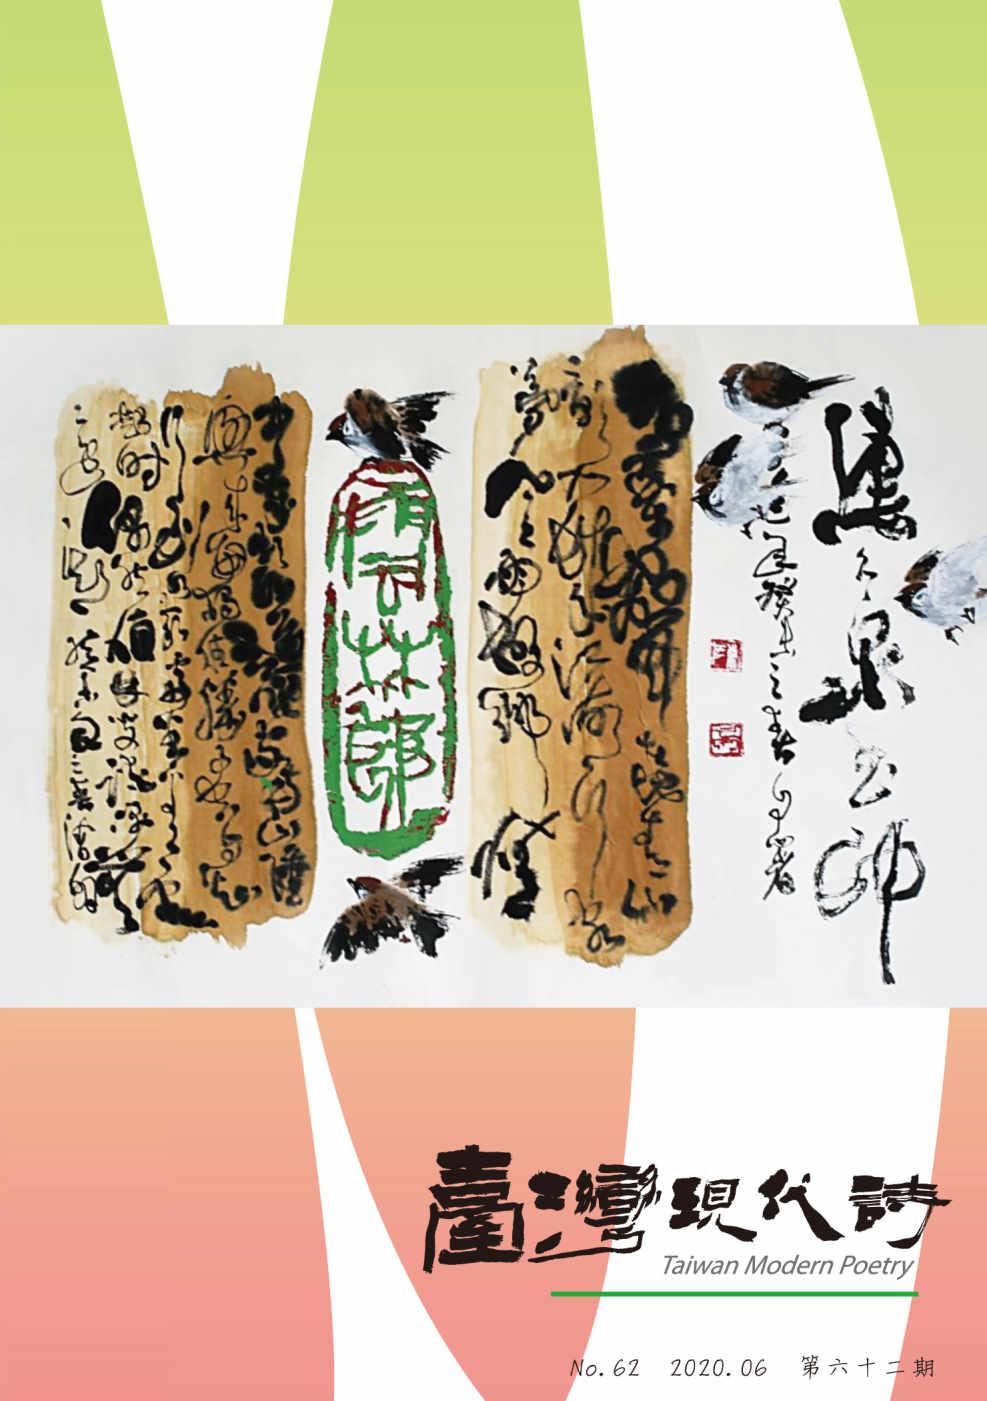 臺灣現代詩:第62期